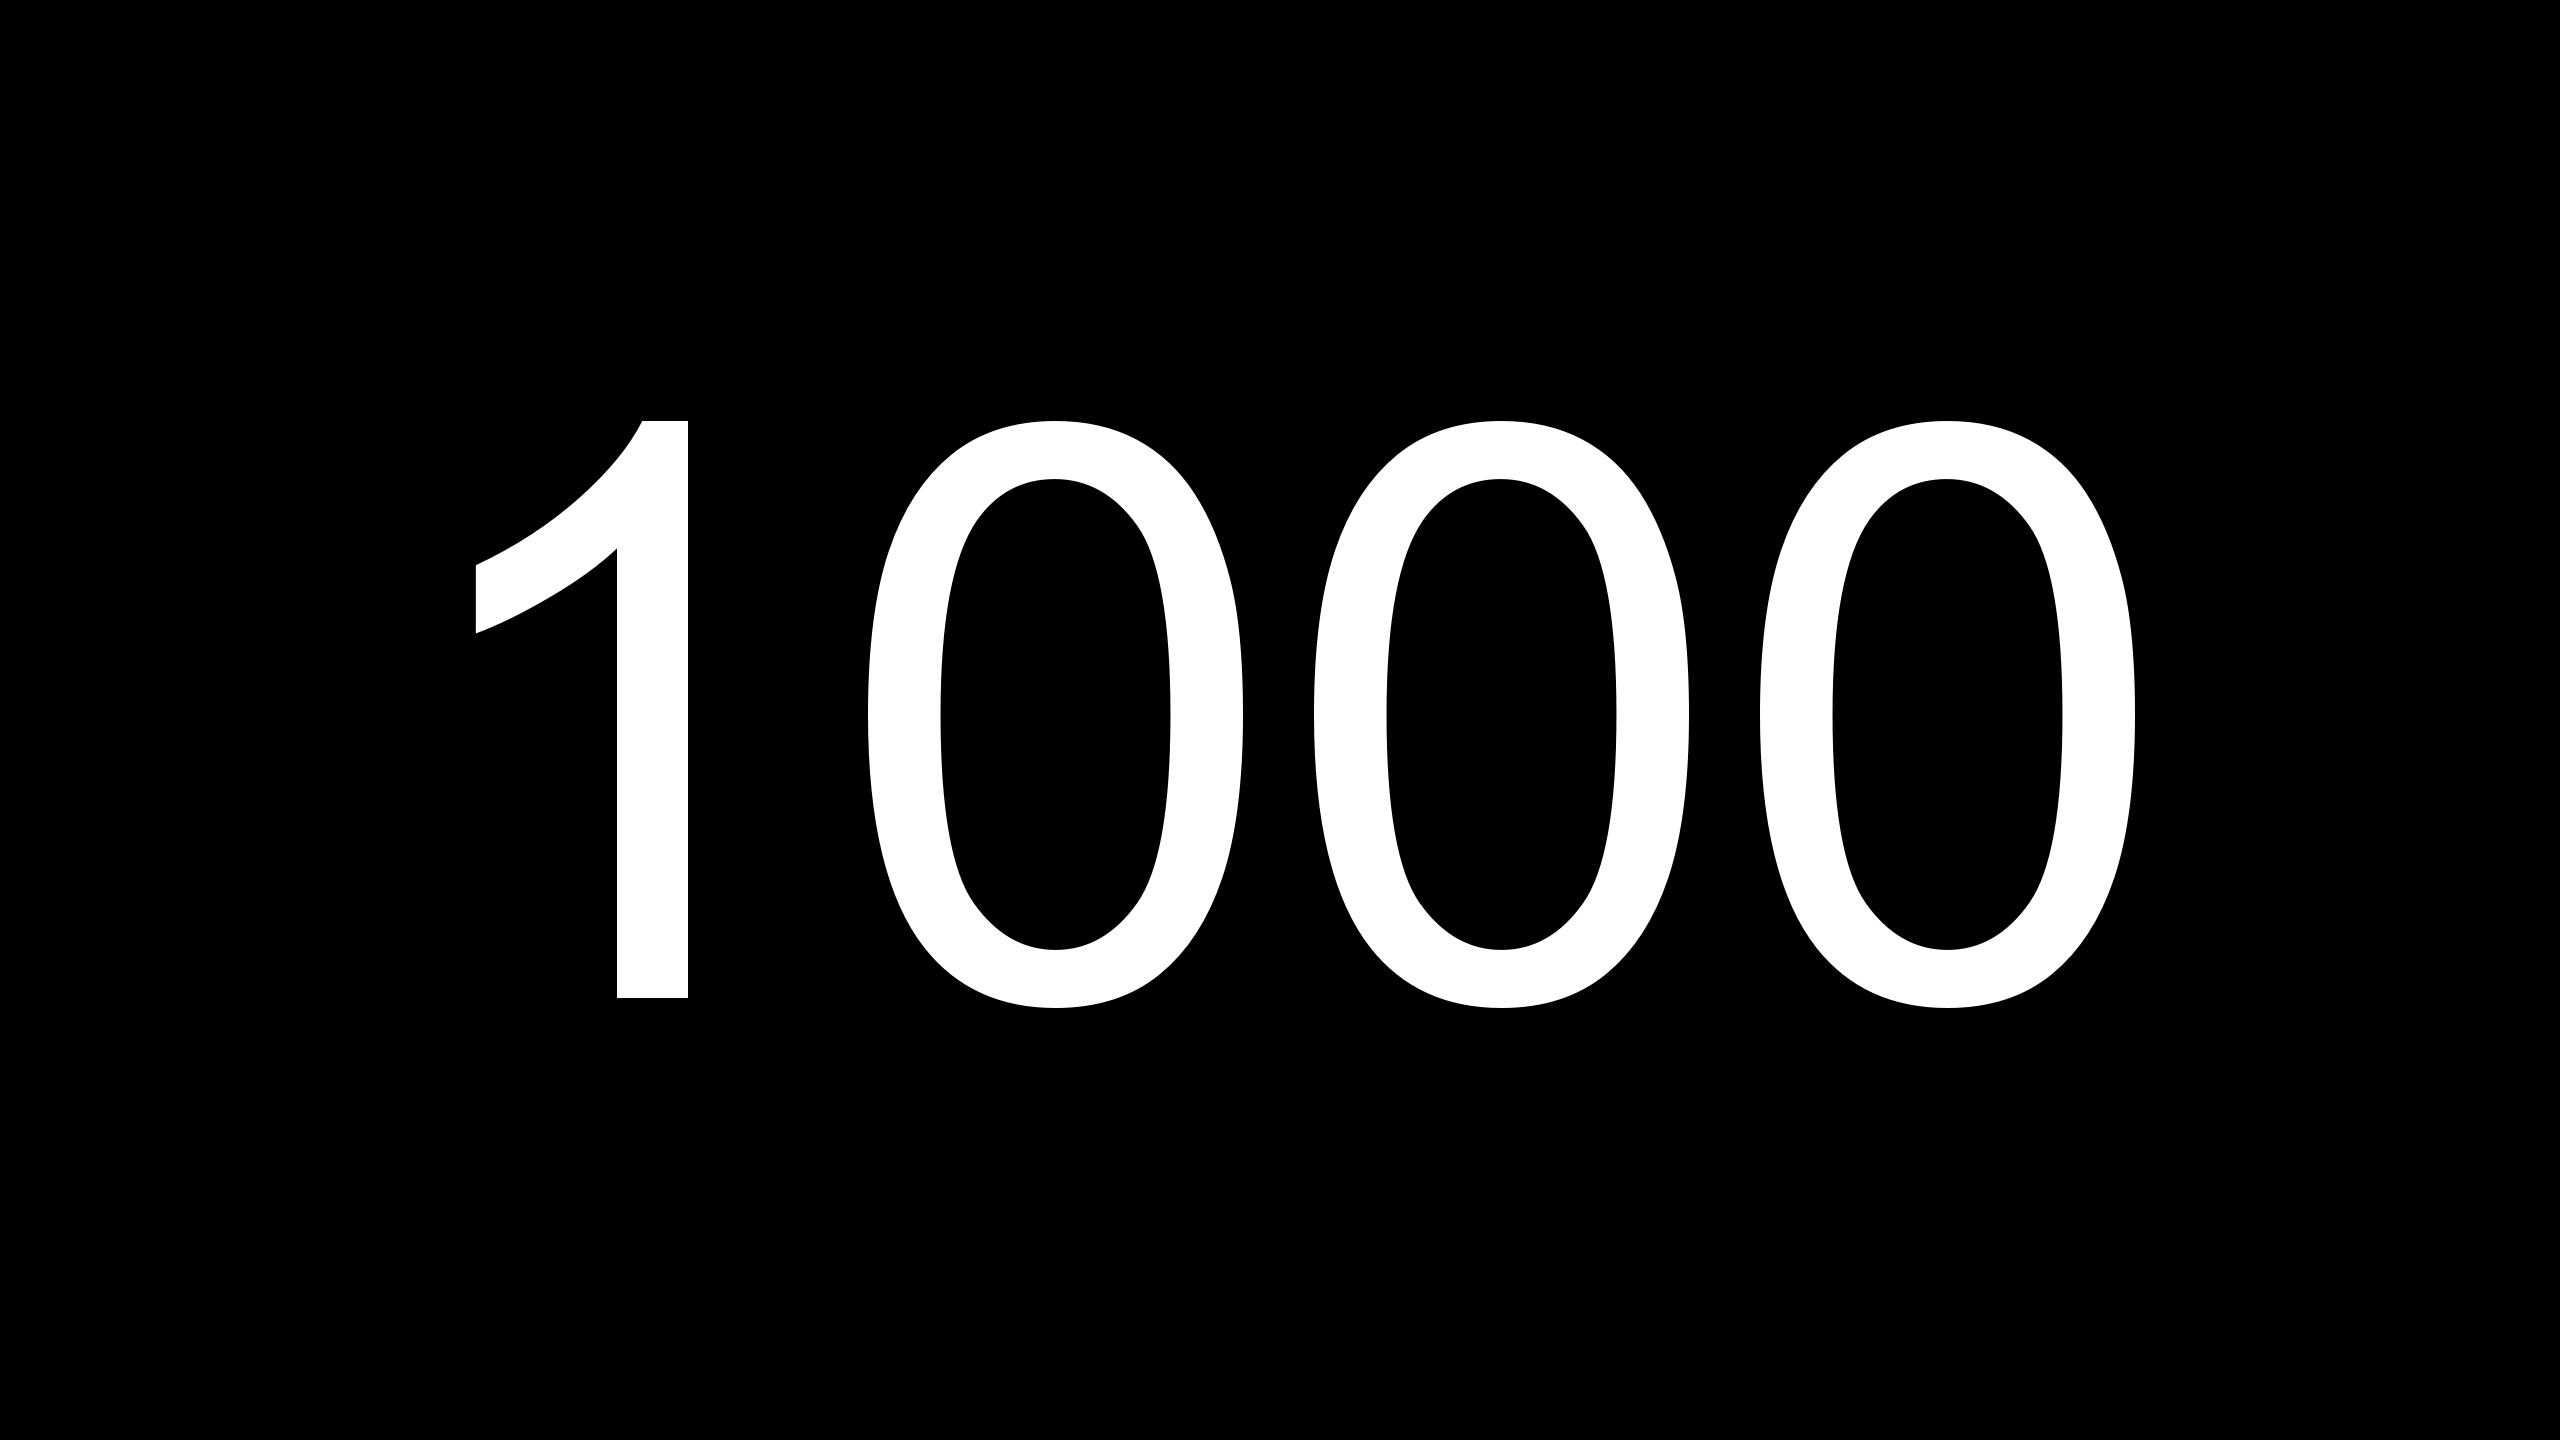 digital art 1000 digitalartchain currently 10 eth on opensea